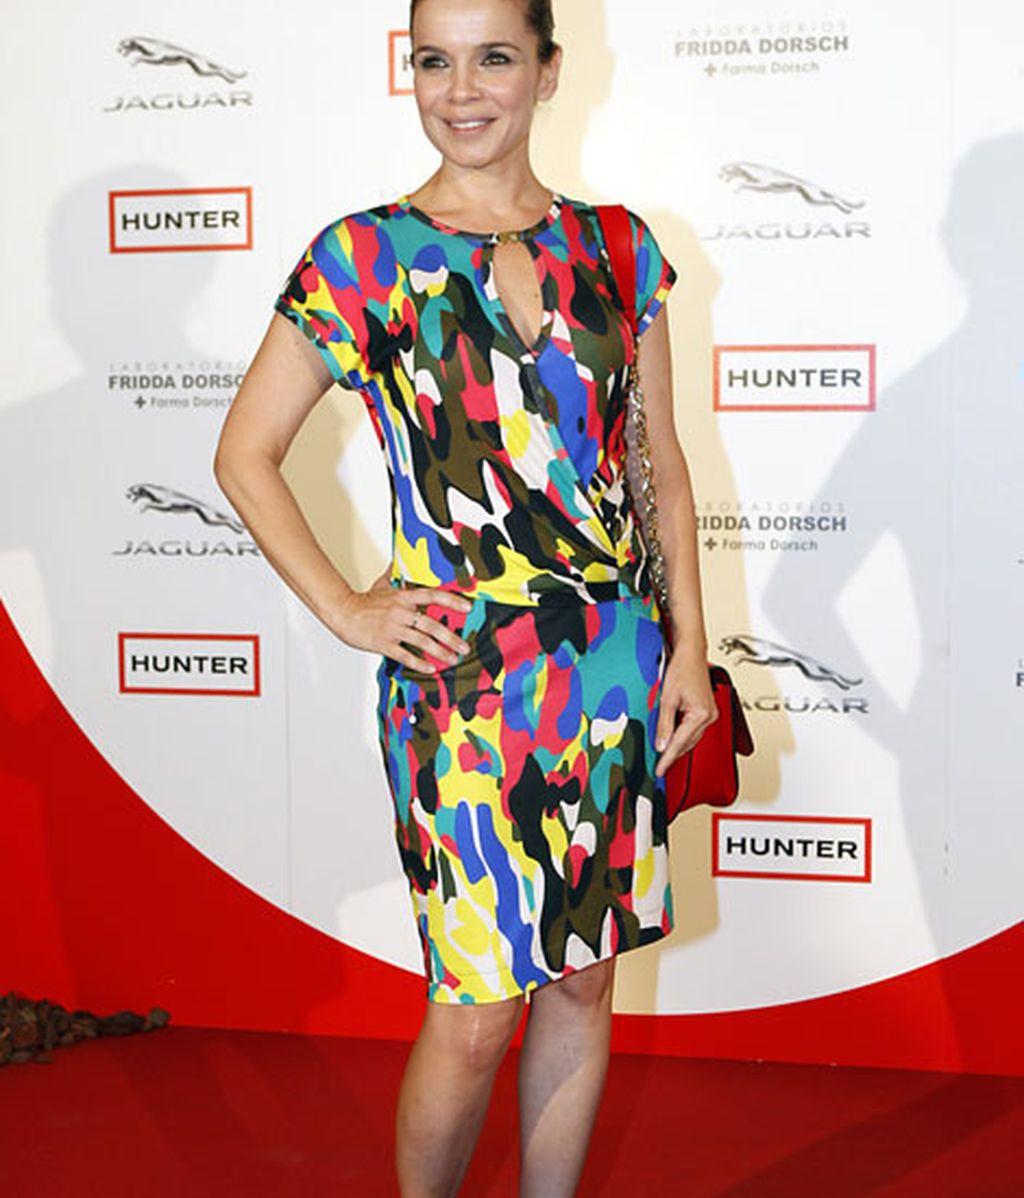 La presentadora de Informativos Telecinco, Carme Chaparro, asistió a los premios